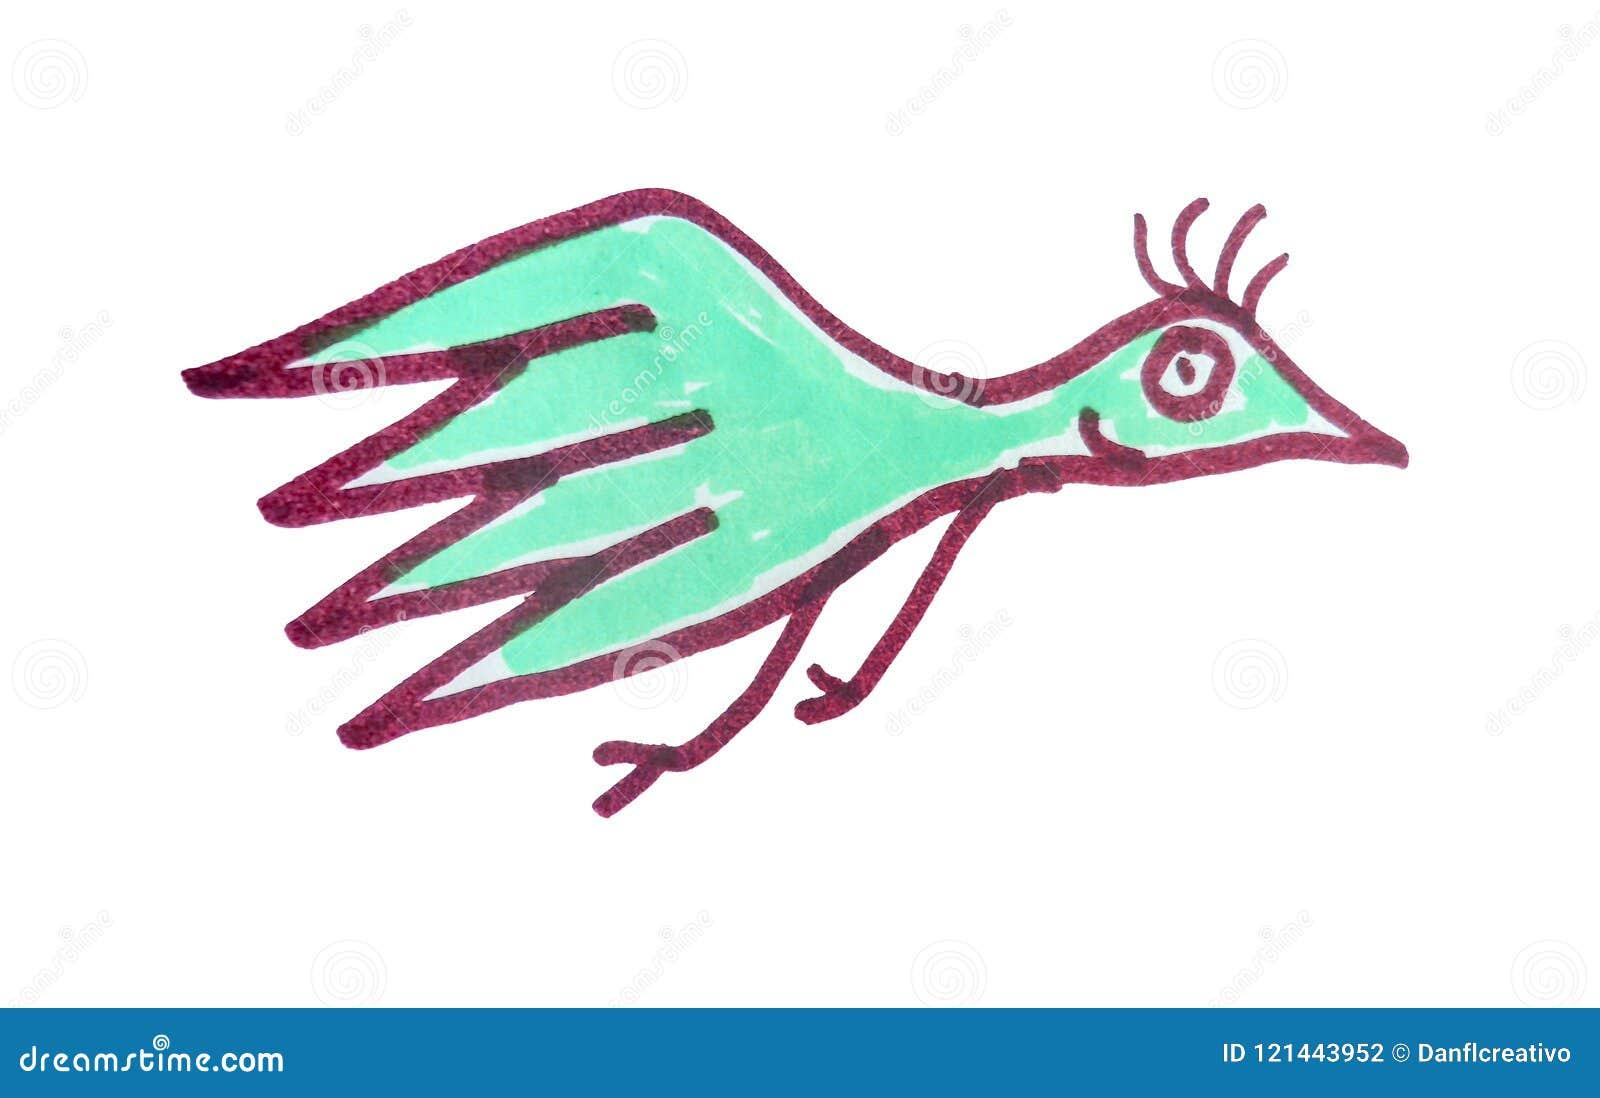 Cartoon Kids Style Bird Flying Illustration Stock Illustration Illustration Of Sketch Hand 121443952